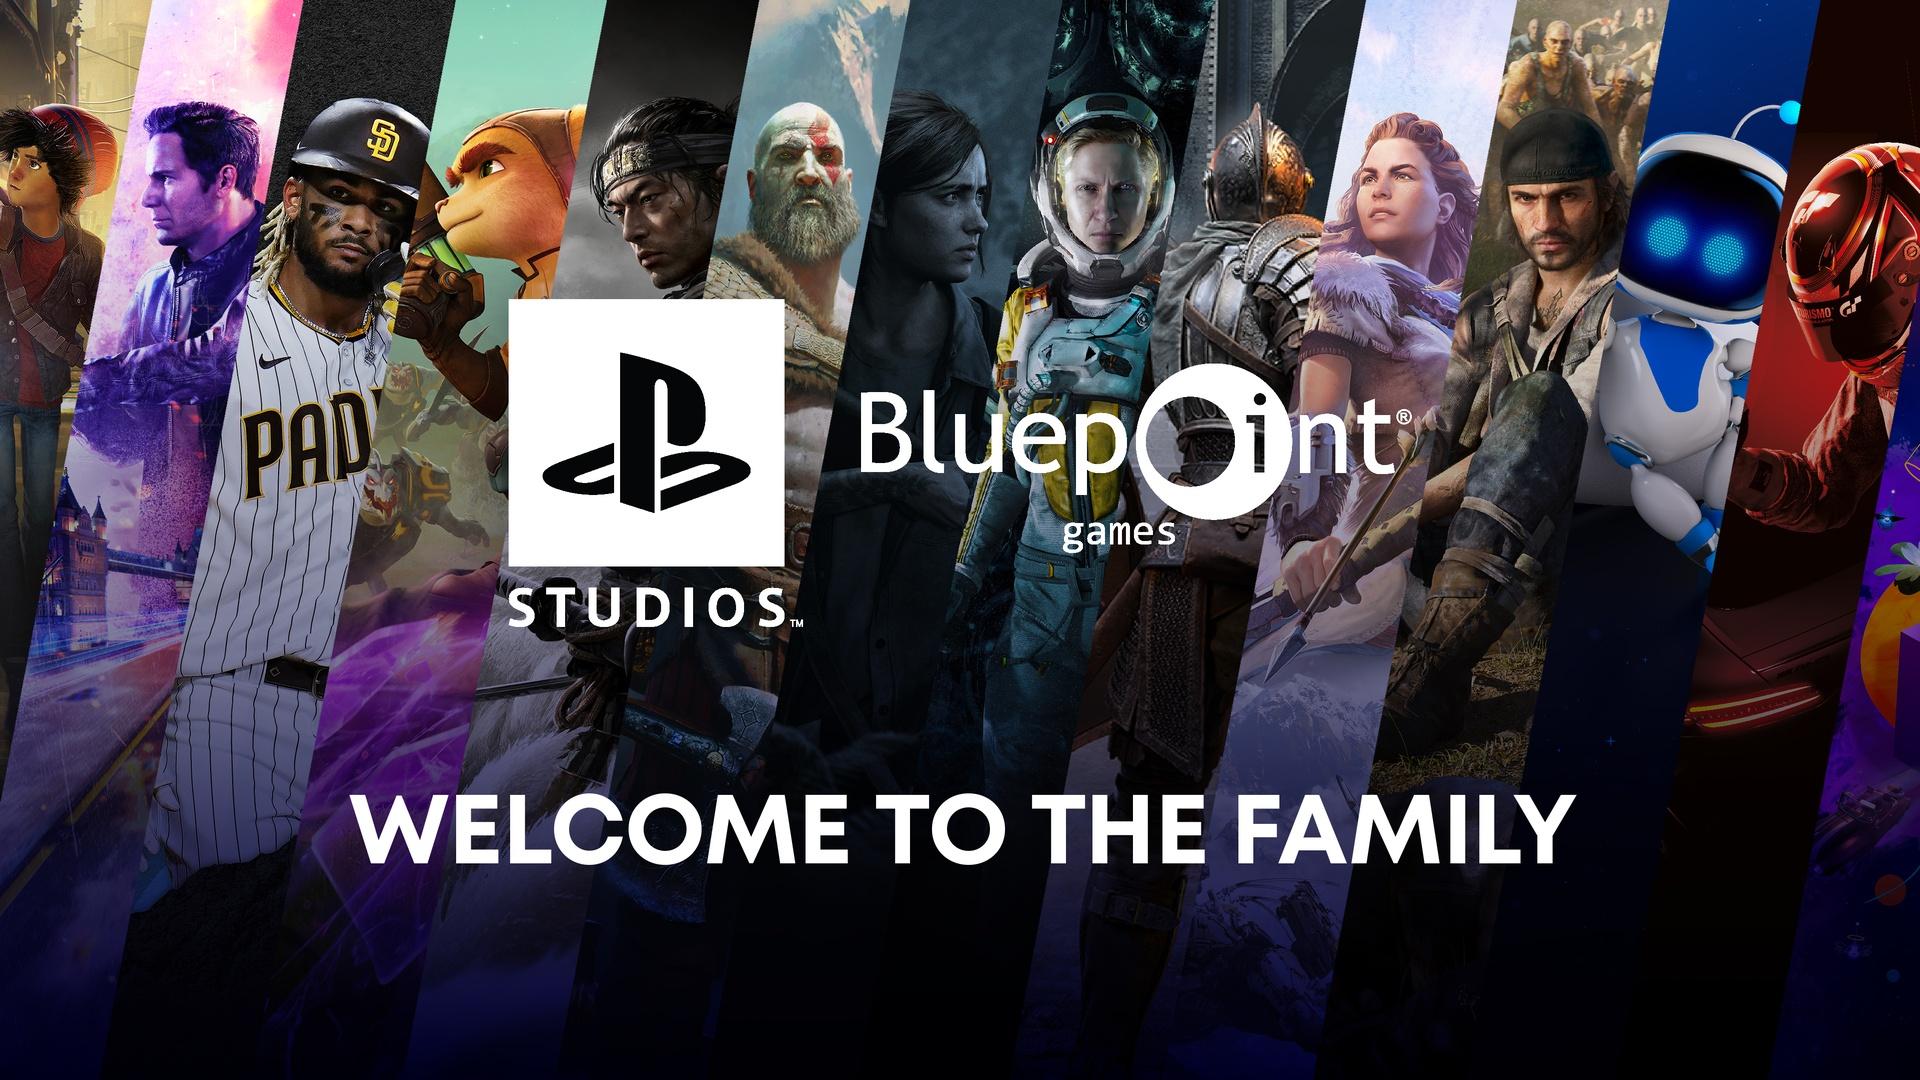 SIE-Acquires-Bluepoint_06-29-21.jpg